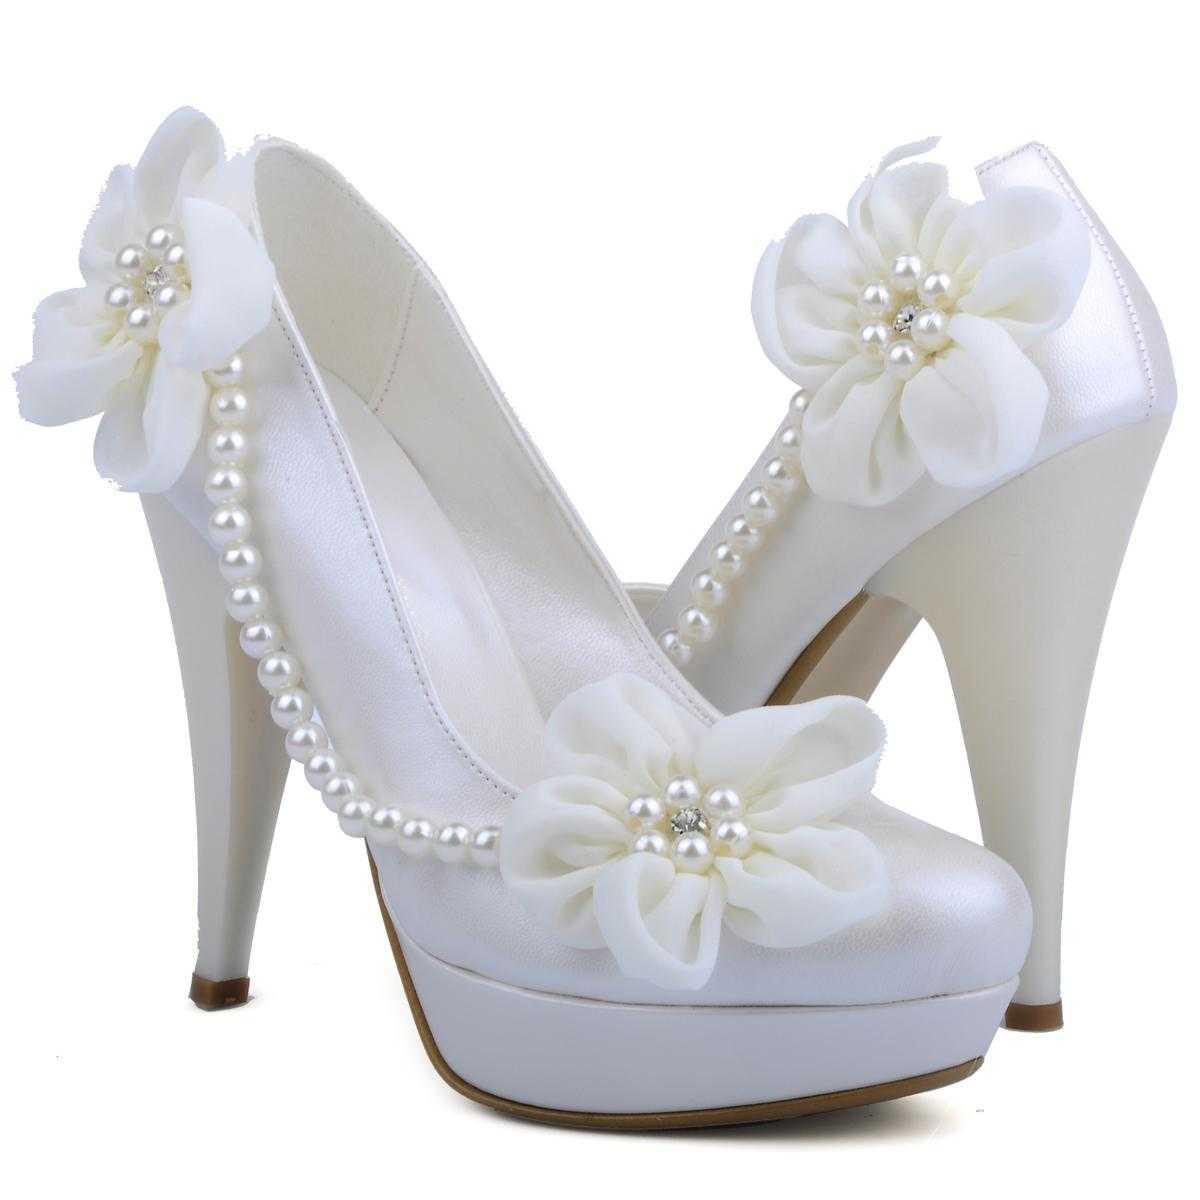 gelinler için ayakkabı modelleri seçimi